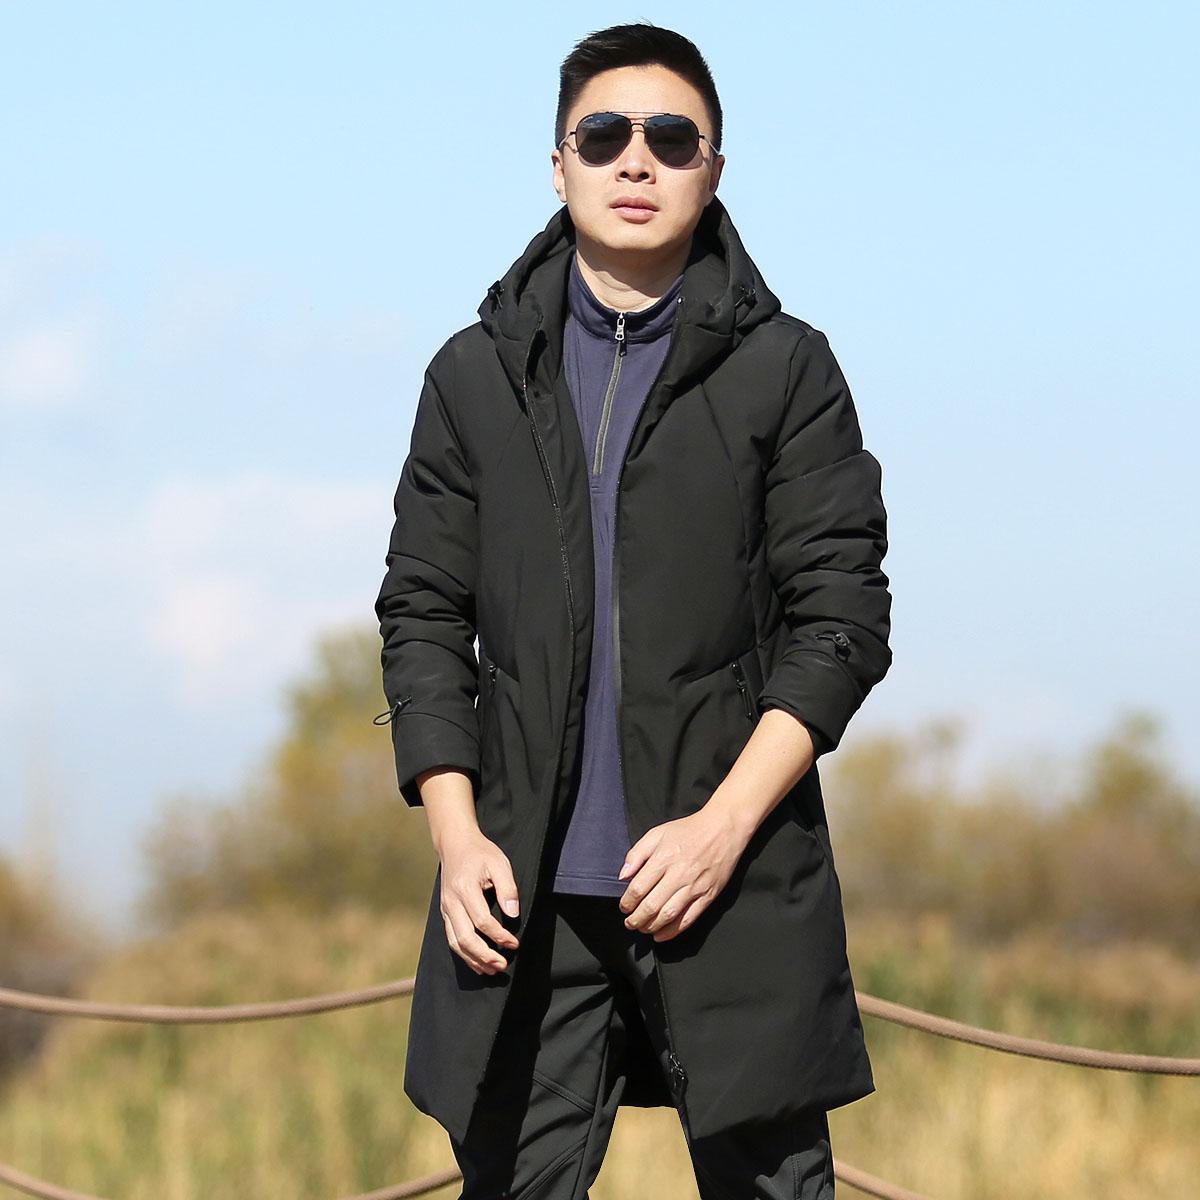 雪丘岛冬季新款纯色羽绒服加厚防风防寒保暖纯色中长款开衫外套男